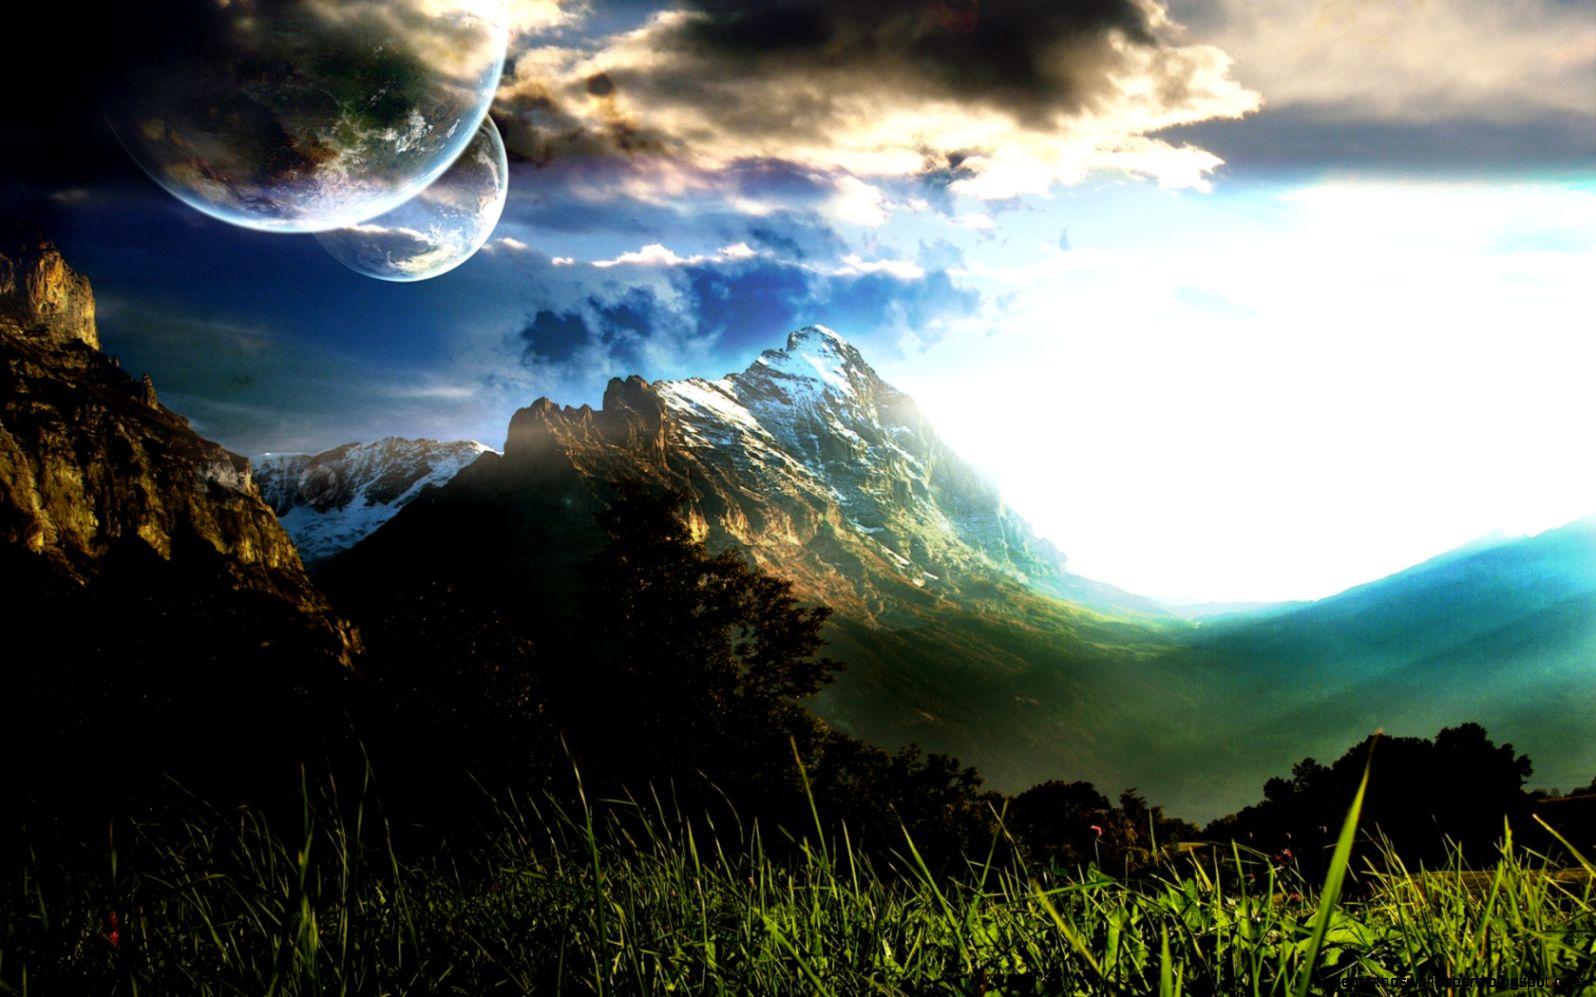 Widescreen Nature Wallpaper